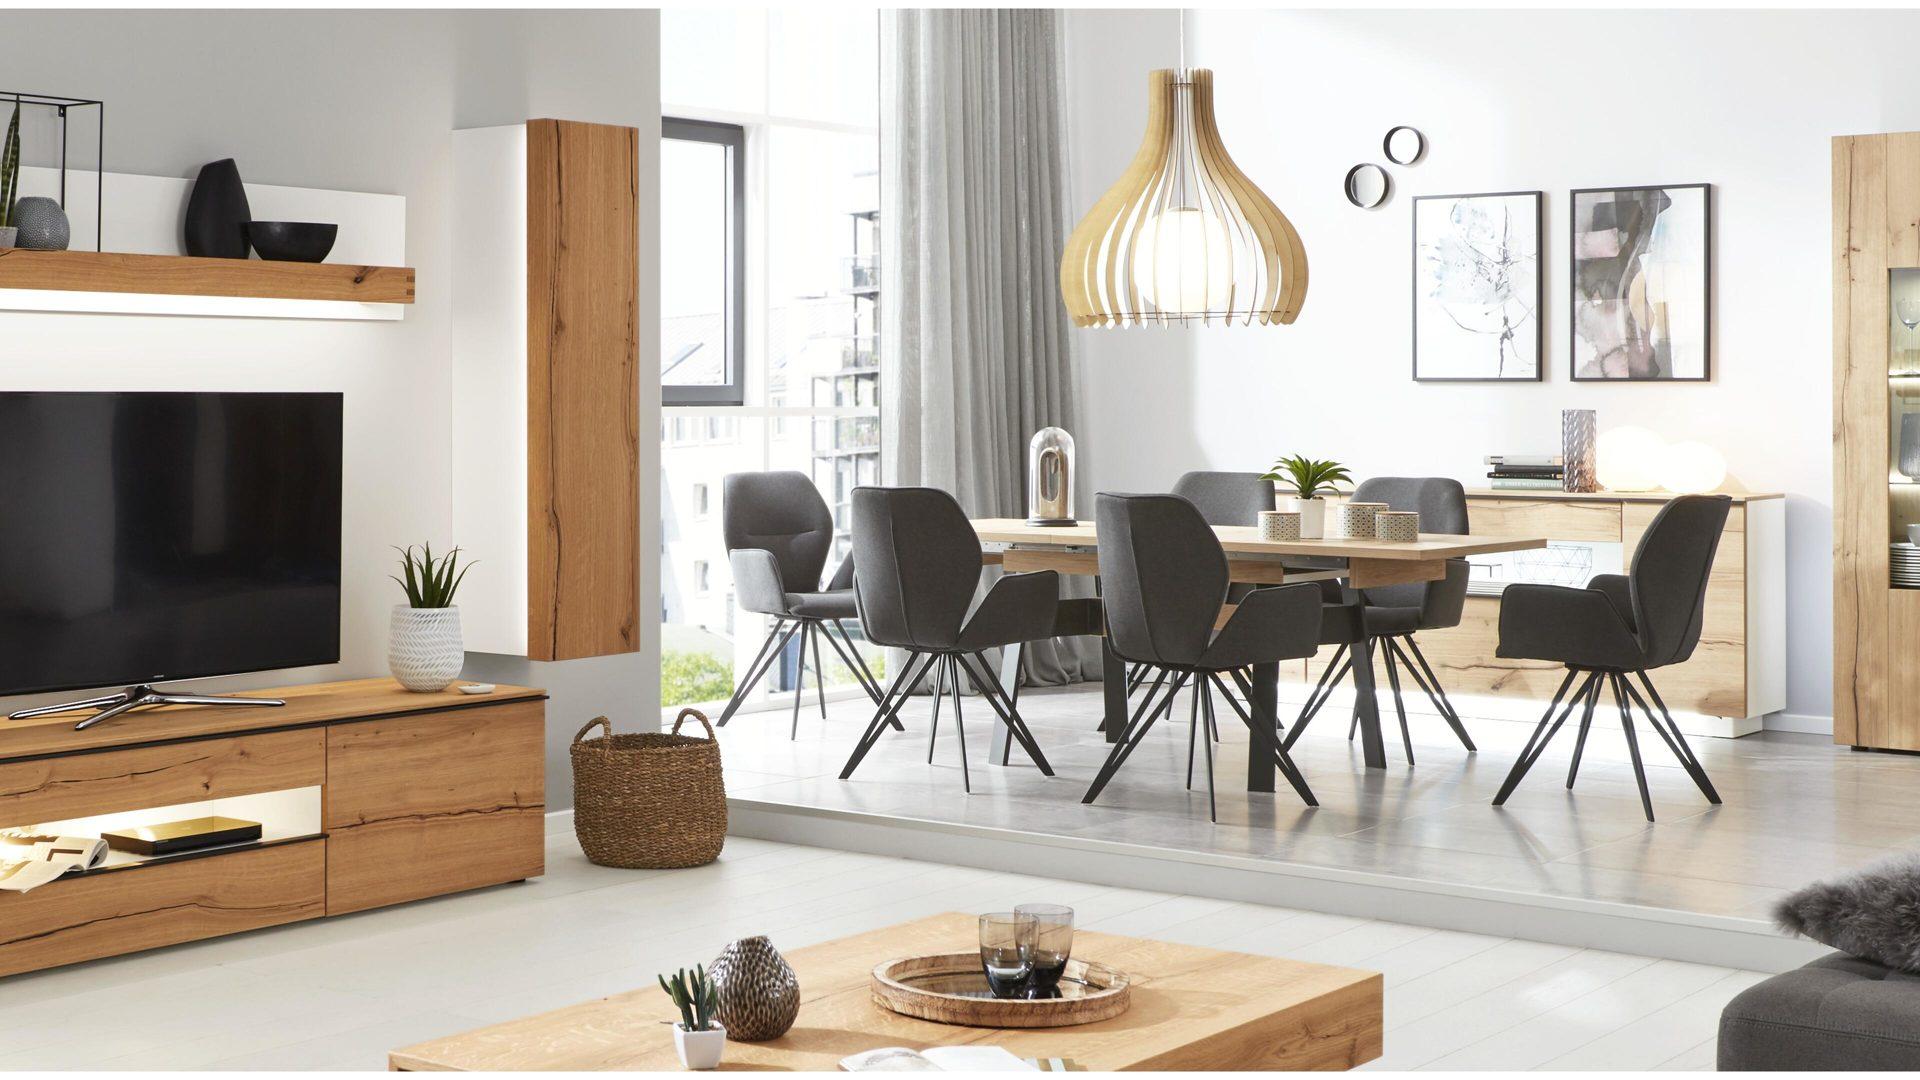 interliving wohnzimmer serie 2103 hangeelement